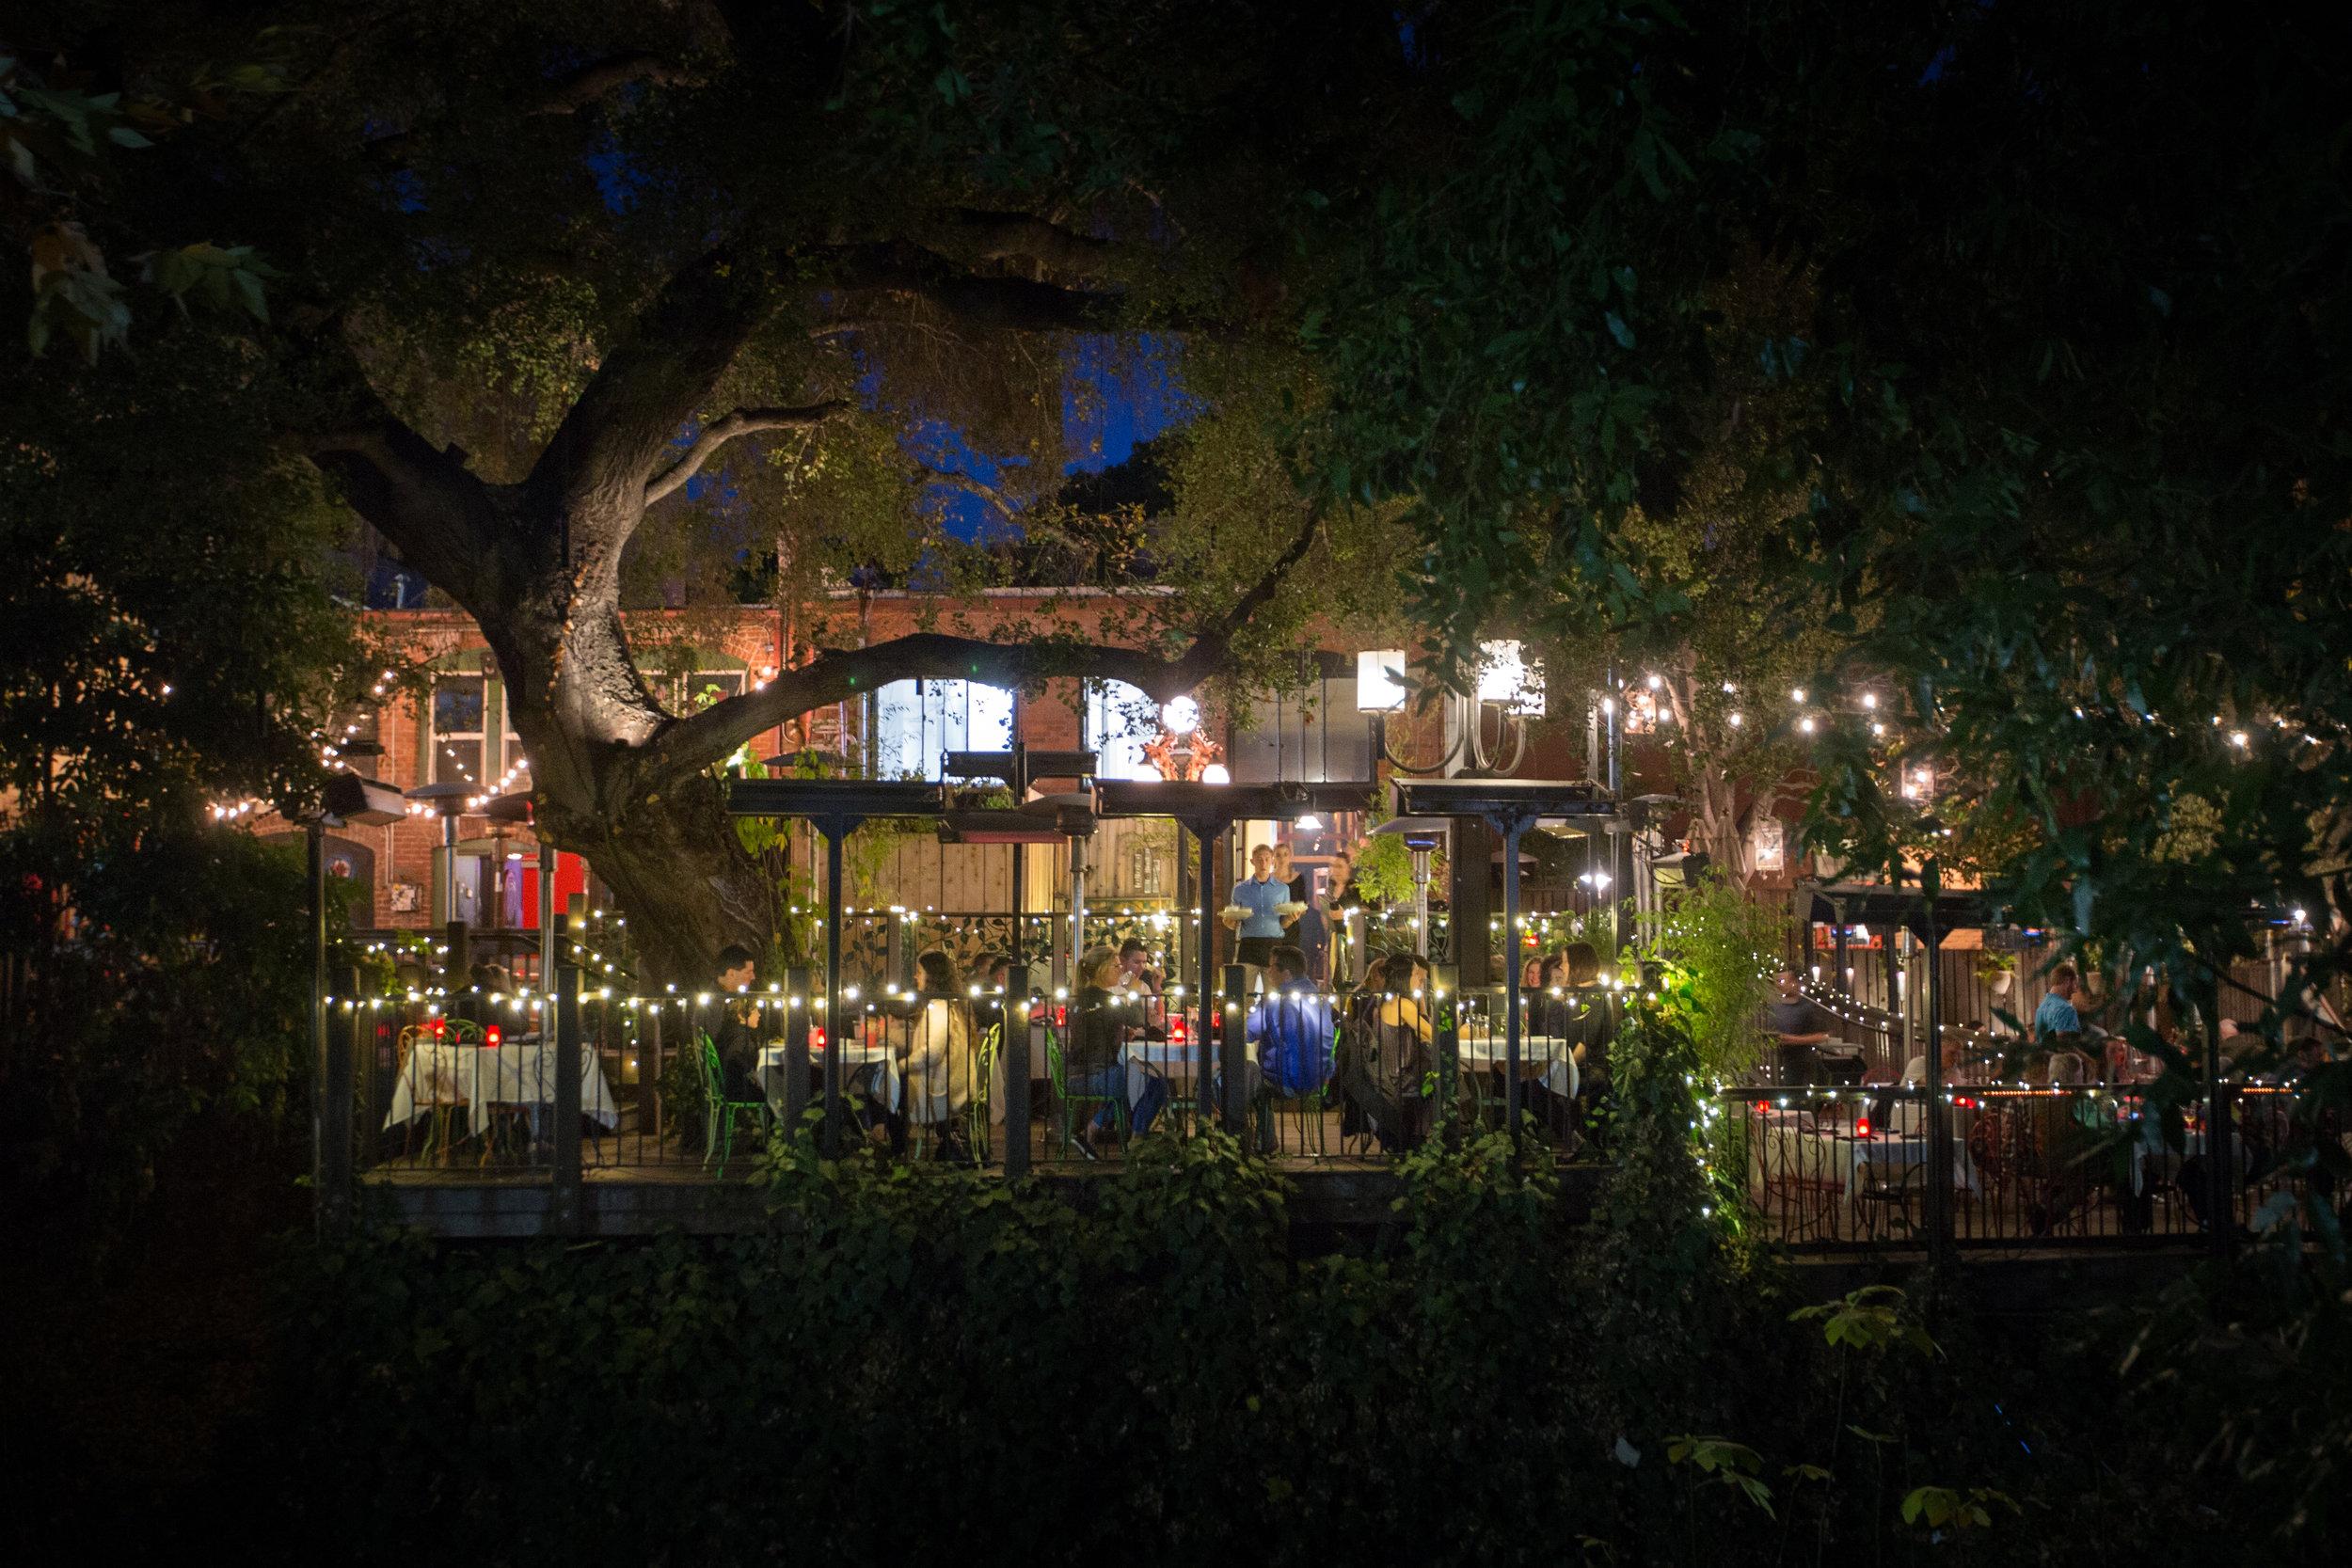 Five Best Restaurants In San Luis Obispo Obsidian Luxury Services